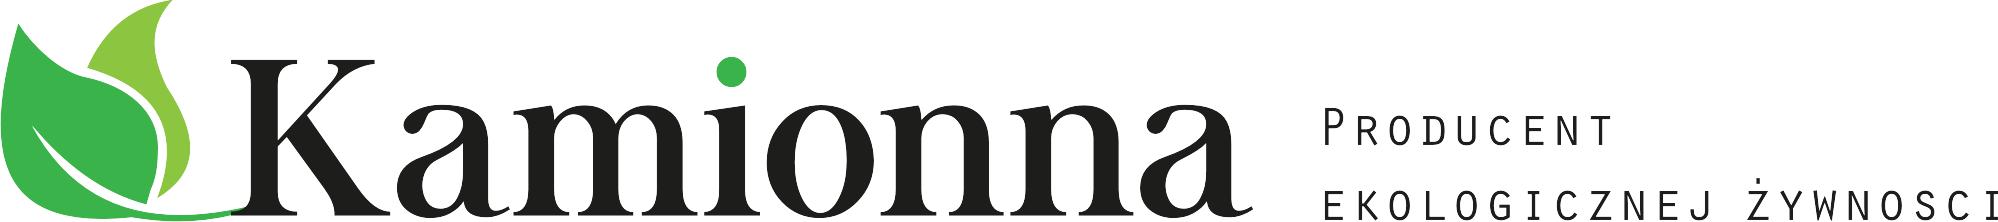 Kamionna – Gospodarstwo ekologiczne